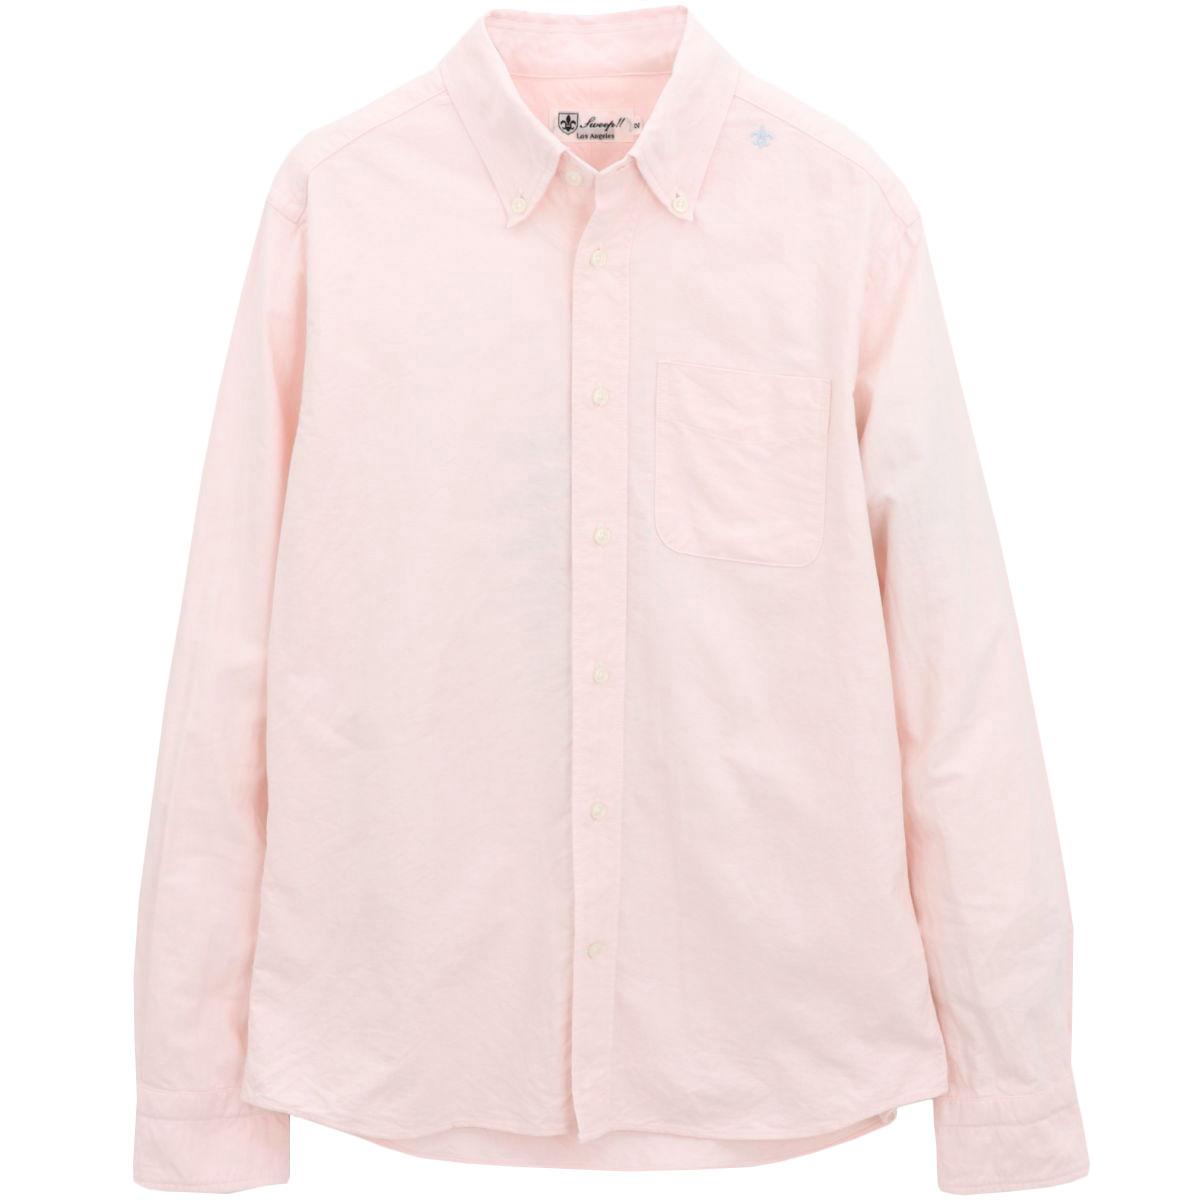 ★定番 THE STANDARD SHIRT オックスフォード ボタンダウンシャツ 長袖 (10colors)